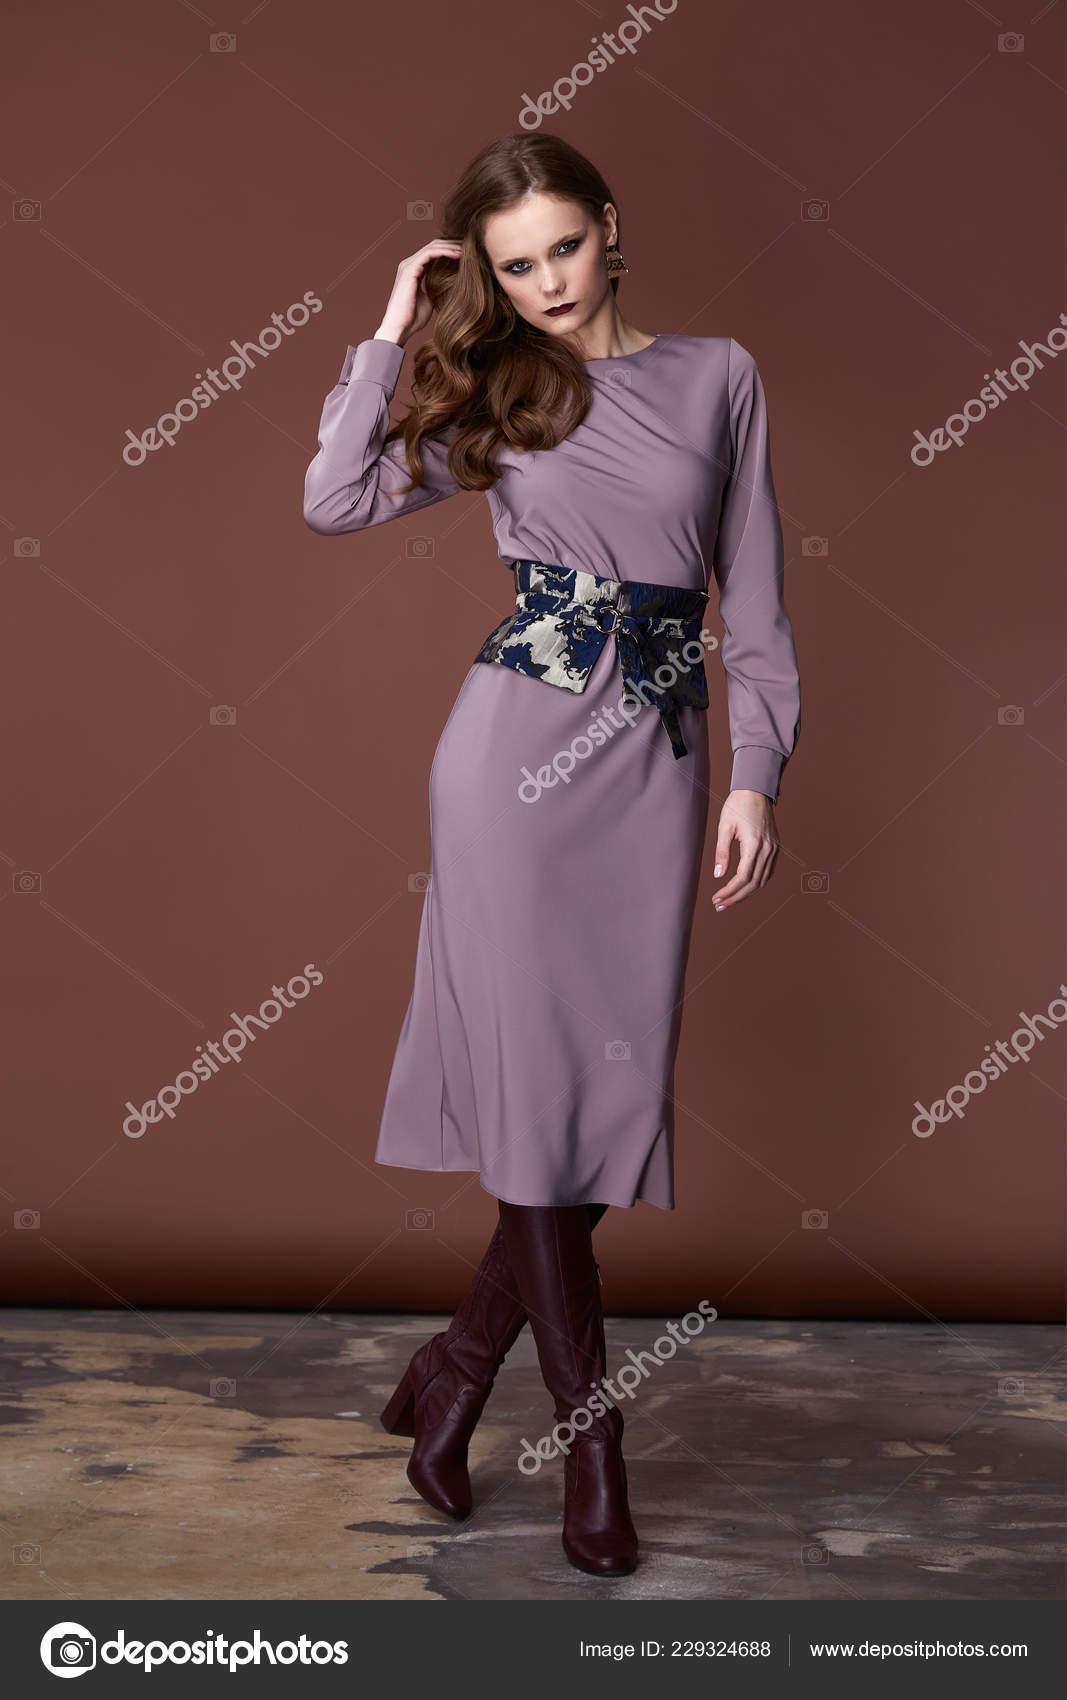 bfc1c5bdf Estilo de escritório de negócios de bela mulher morena sexy moda roupas  inverno Outono coleção corpo perfeito forma cara bonita maquiagem sorriso  desgaste ...